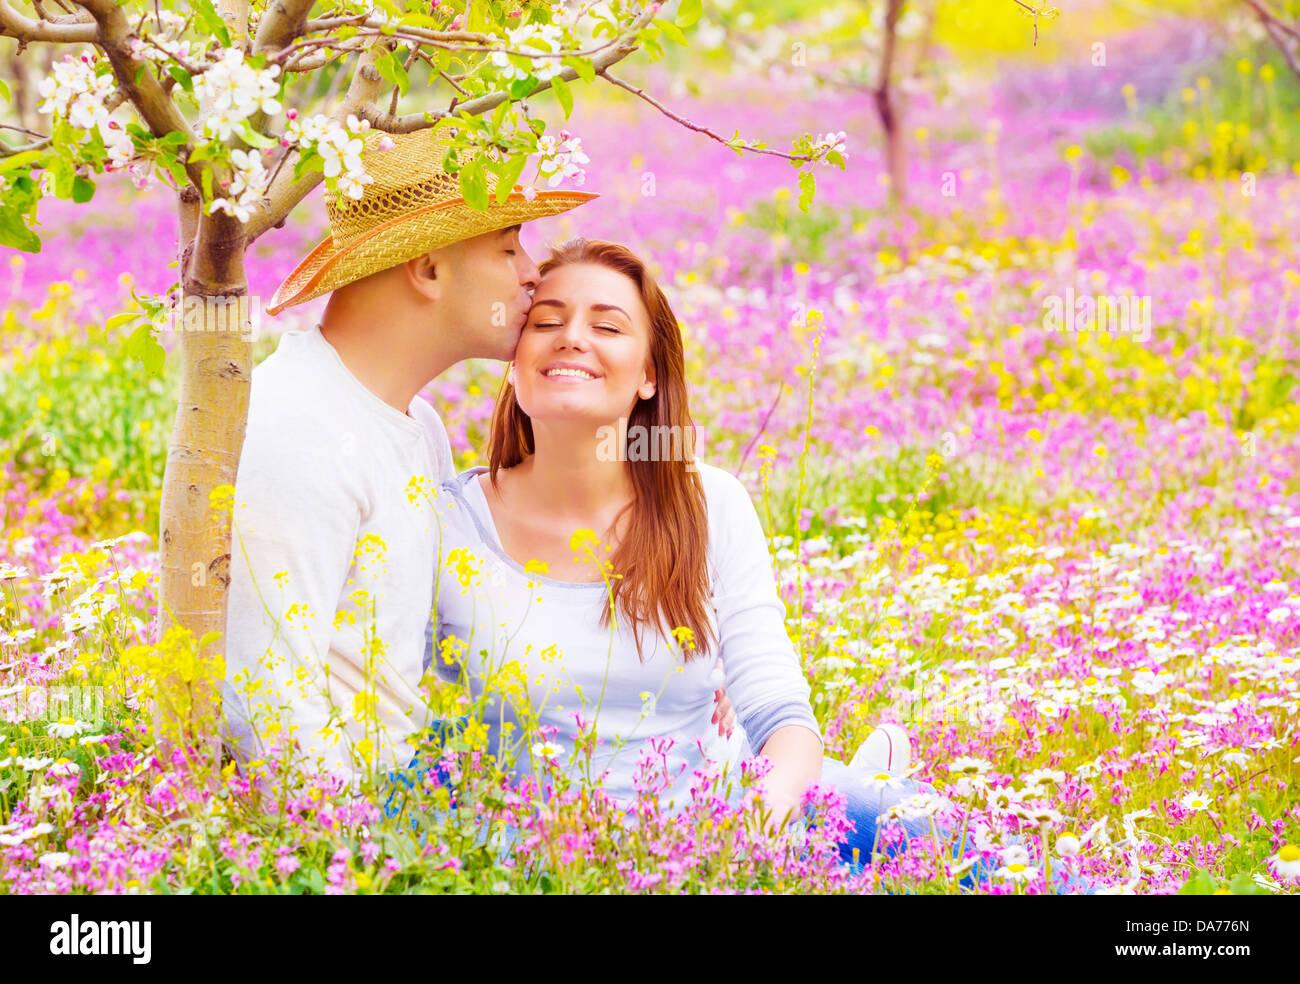 Los amantes felices besos al aire libre, cita romántica en el florido jardín, hermosa joven familia, cariño Imagen De Stock